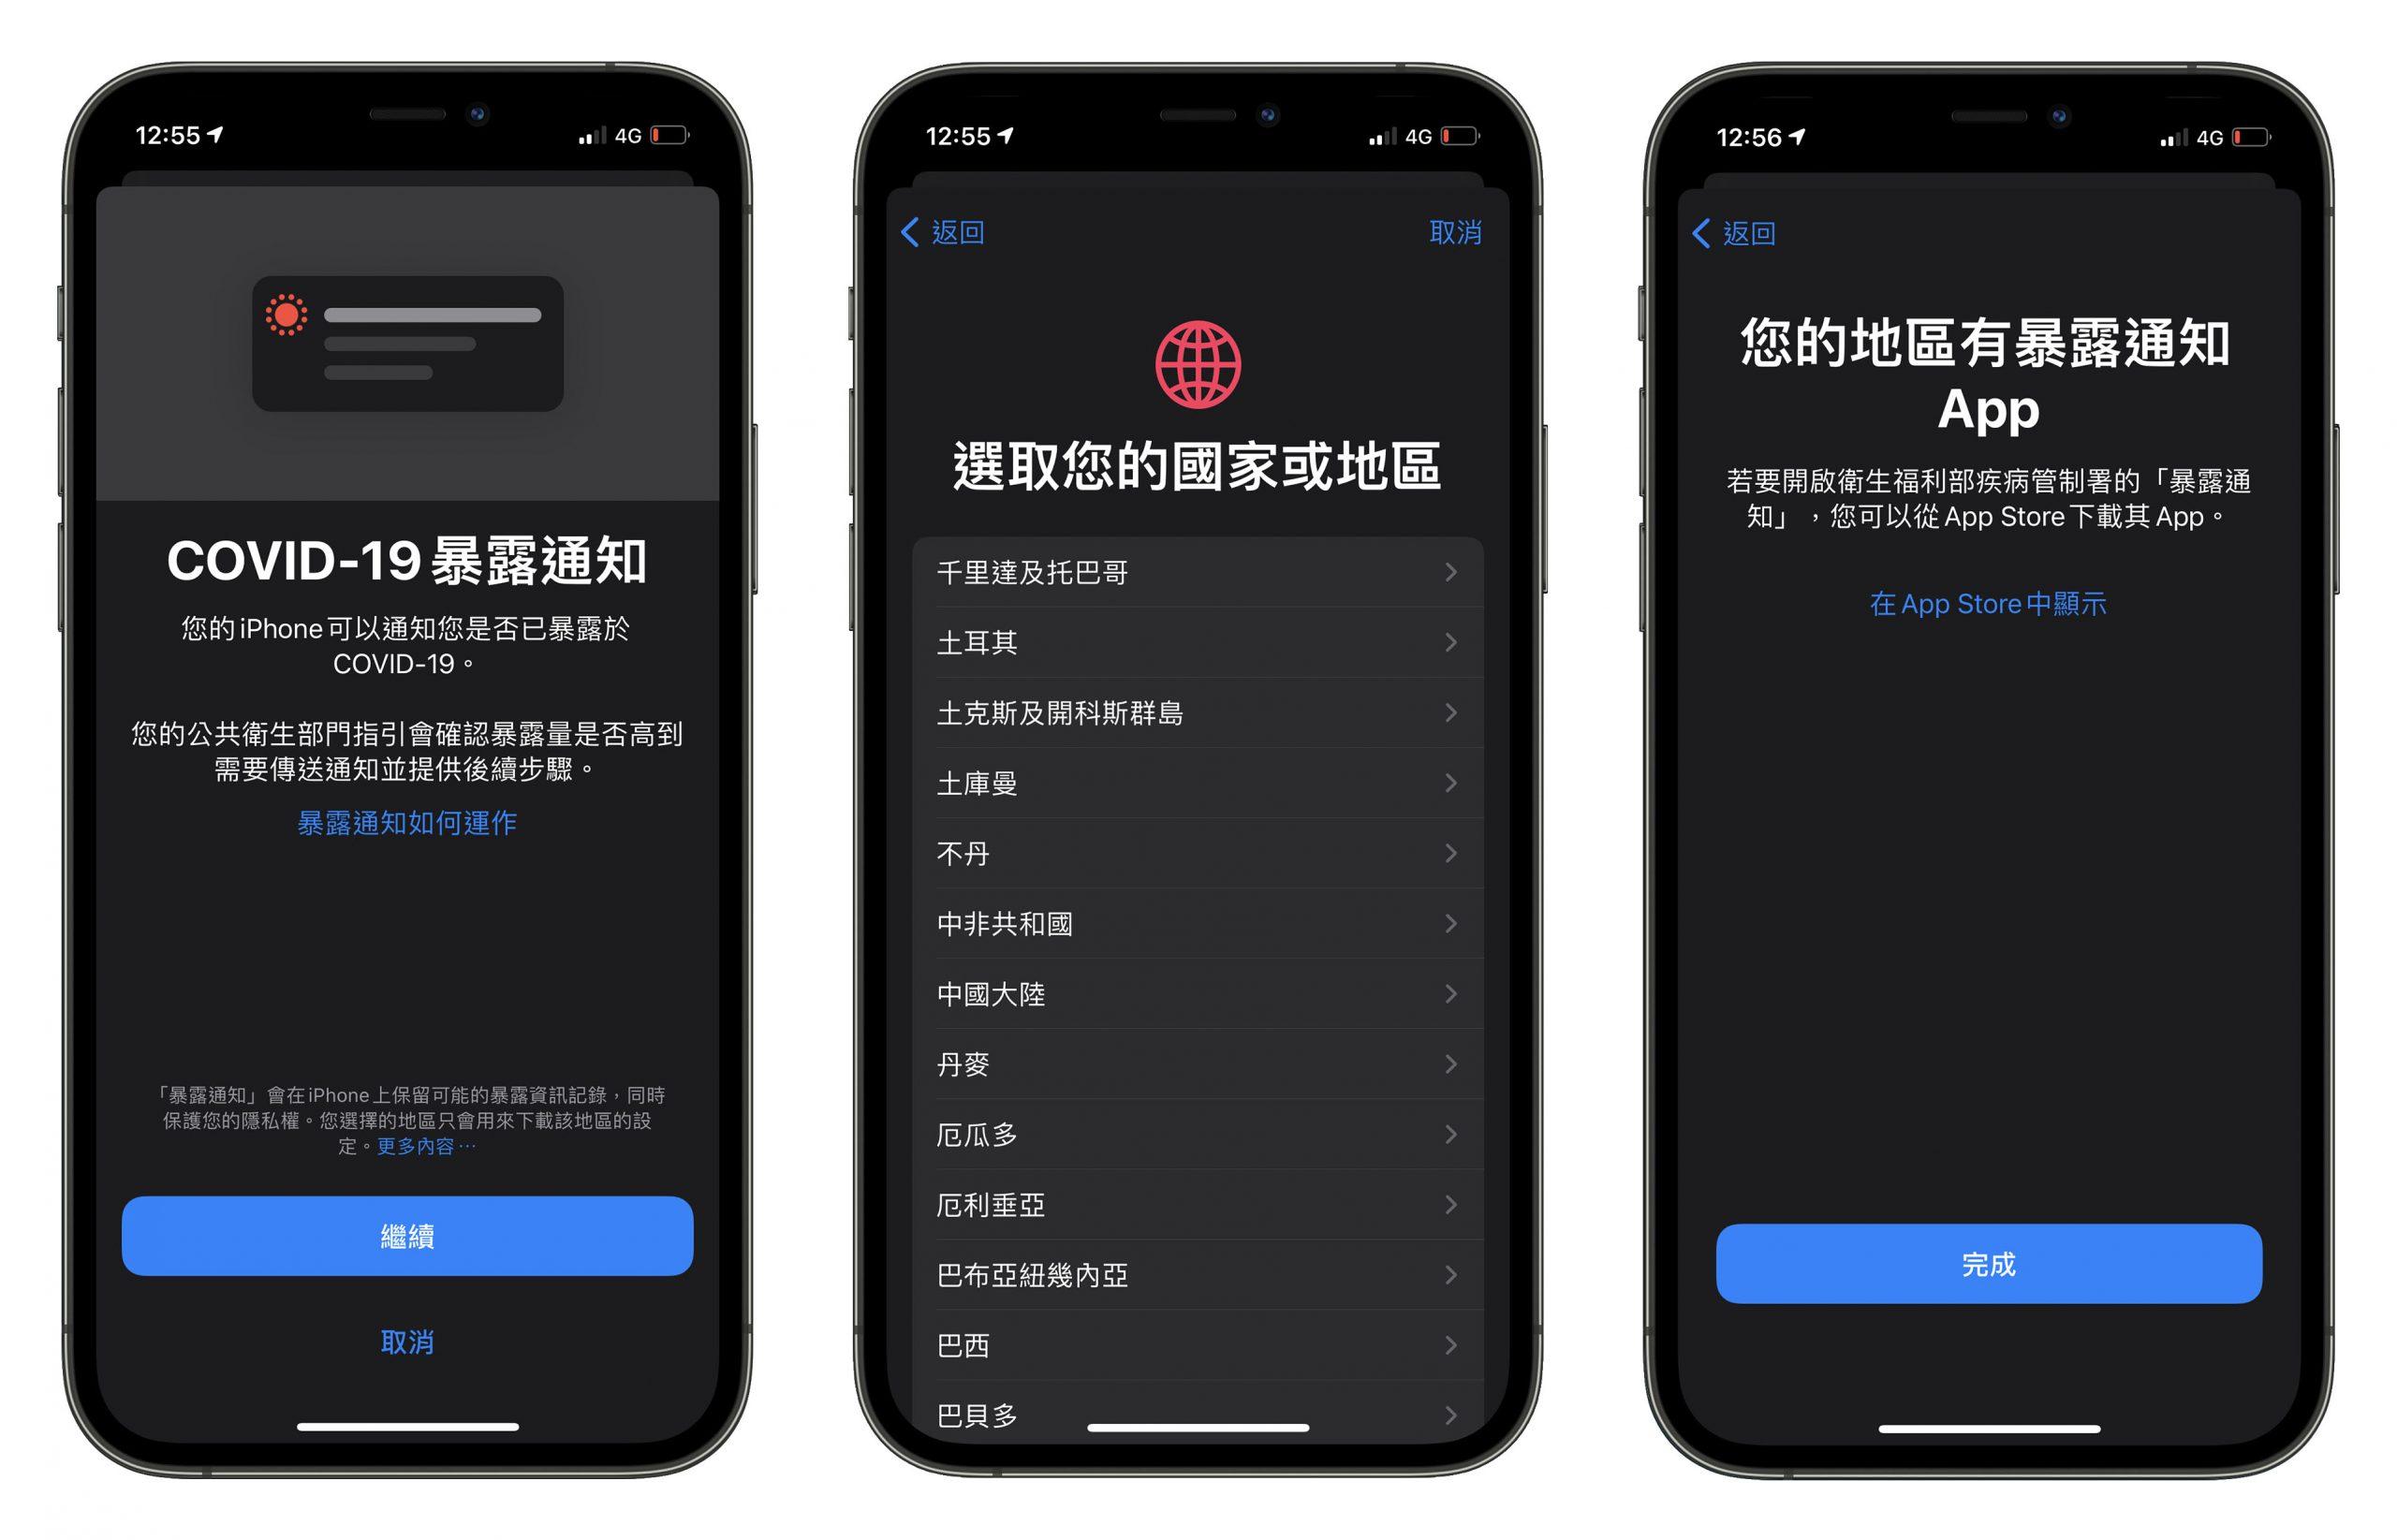 暴露通知 App、臺灣社交距離、武漢肺炎、COVID-19